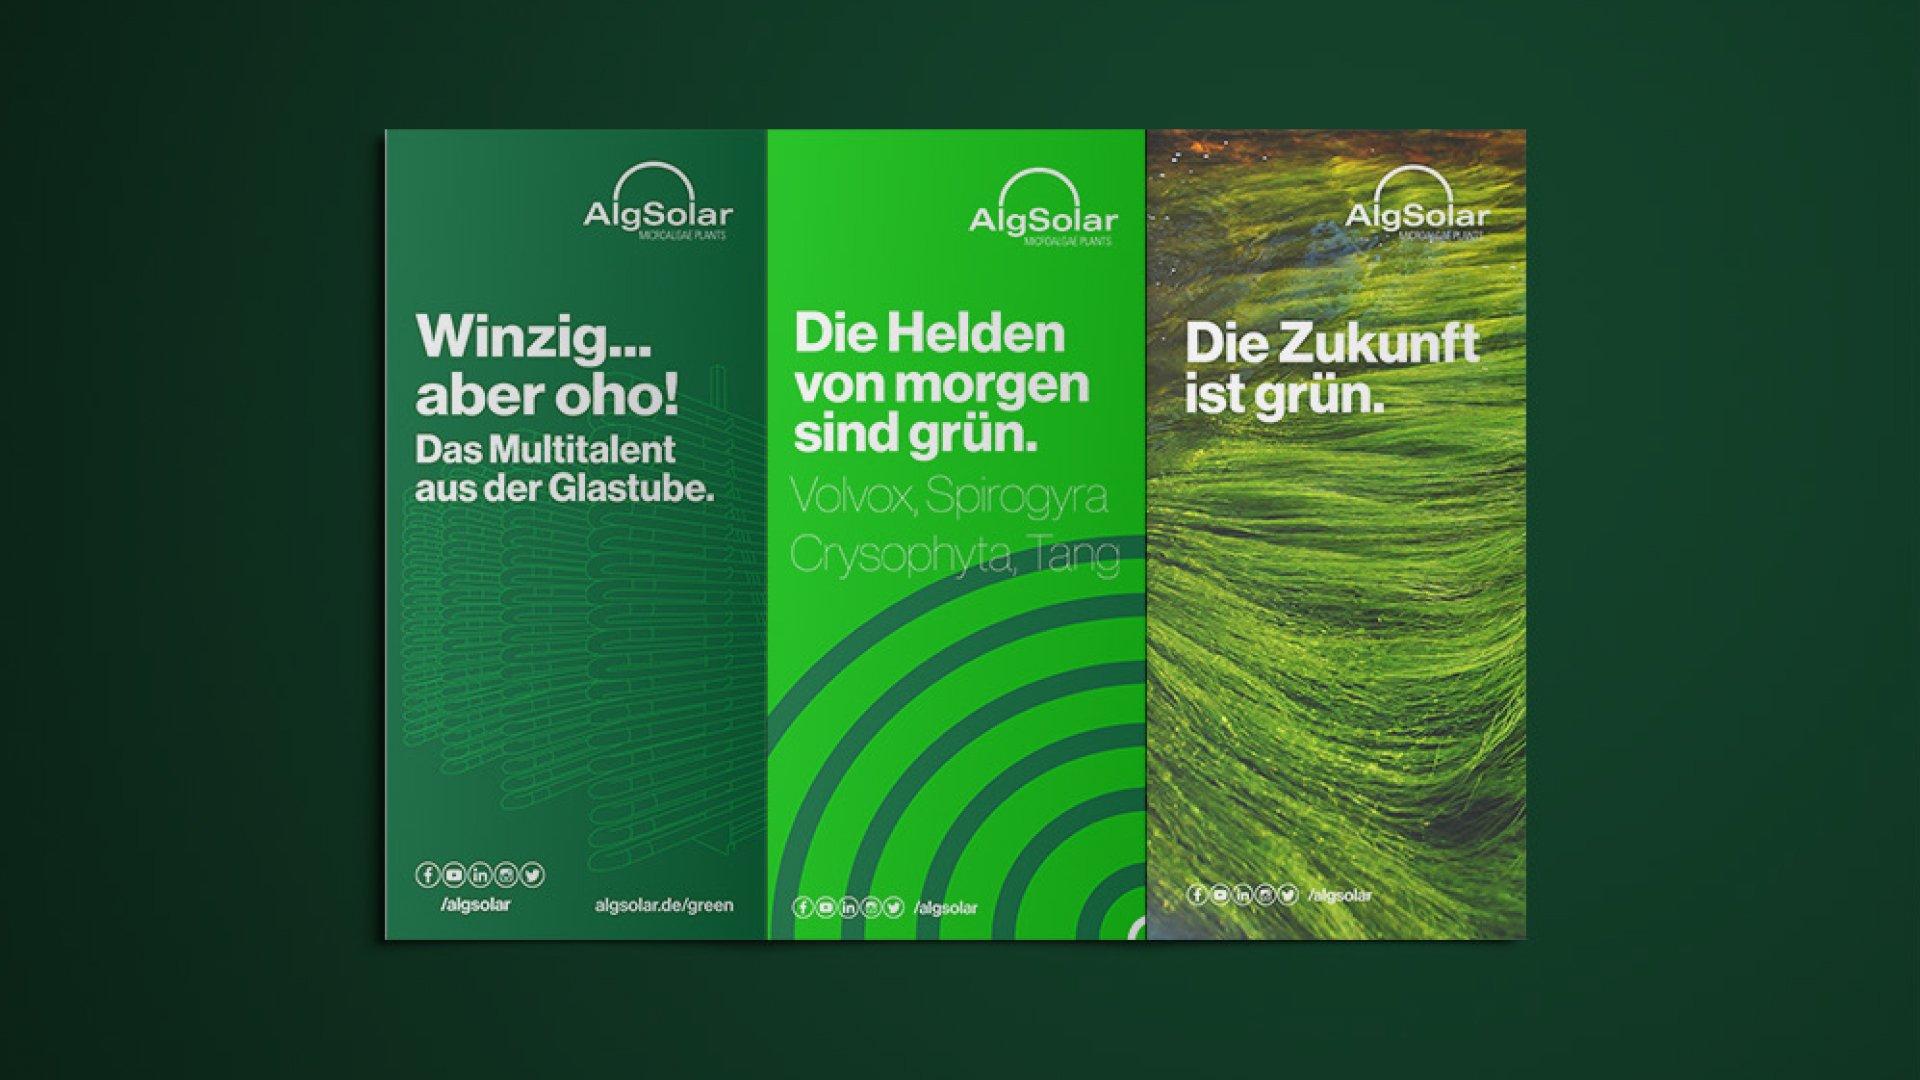 AlgSolar GmbH